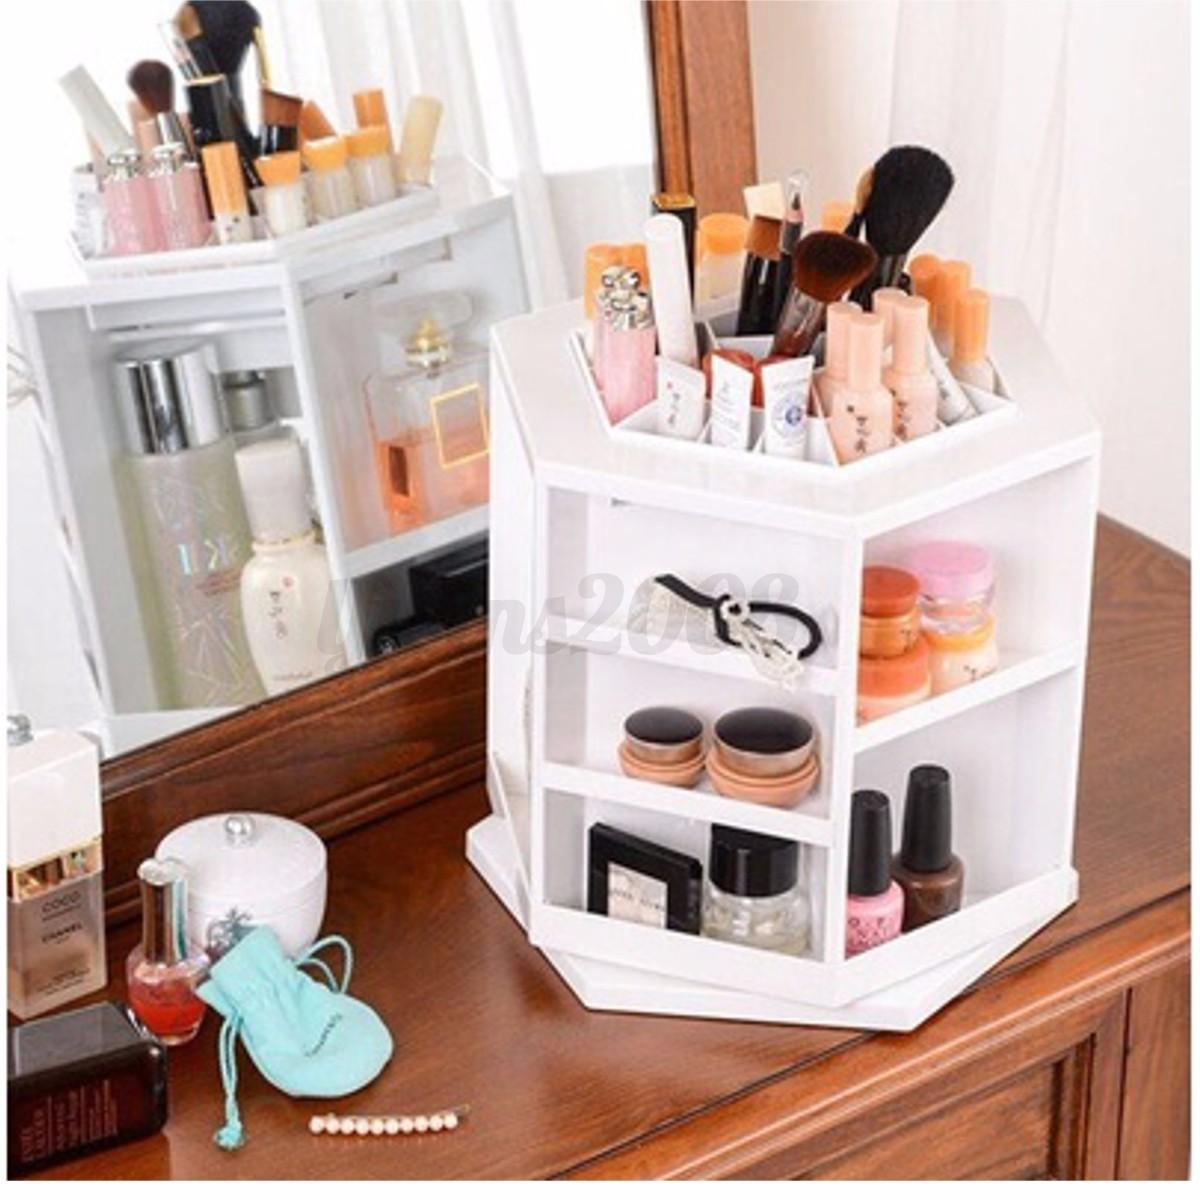 acrylique bo te pr sentoir de maquillage rangement rond organisateur cosm tique eur 15 59. Black Bedroom Furniture Sets. Home Design Ideas